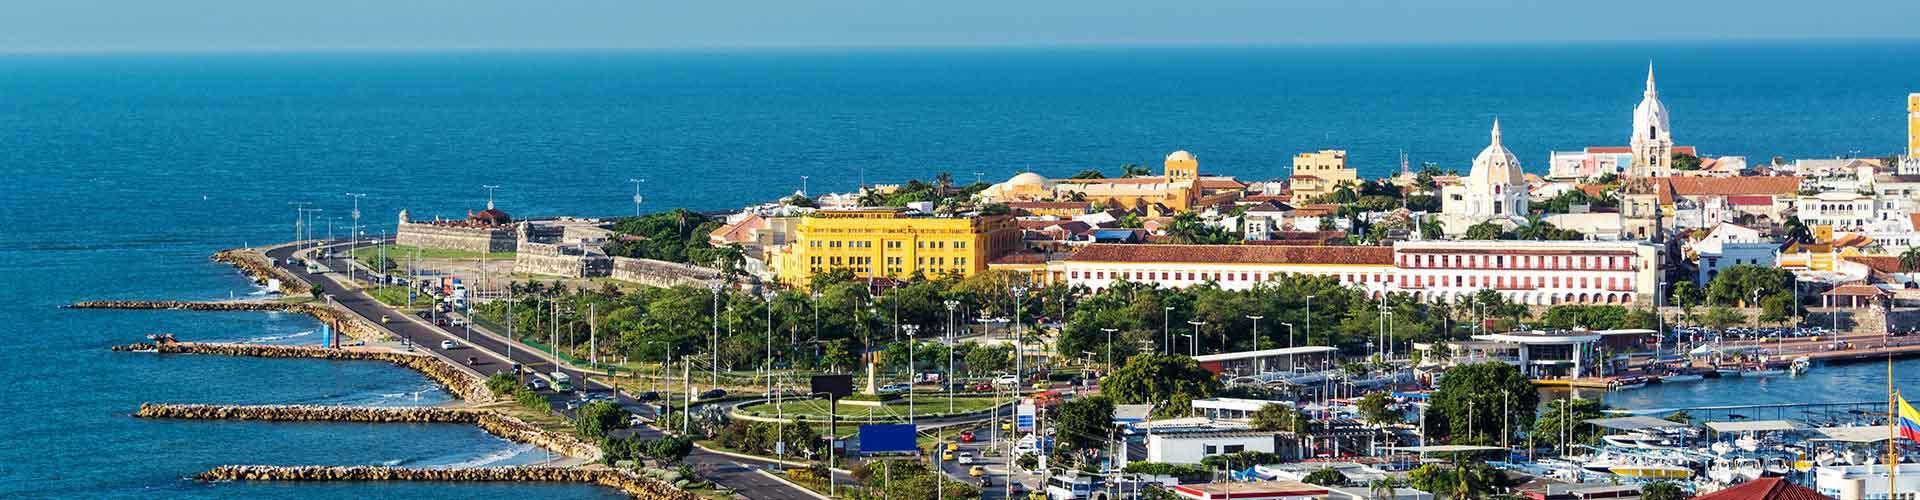 Cartagena das Índias – Hostels em Cartagena das Índias. Mapas para Cartagena das Índias, Fotos e Avaliações para cada Hostels em Cartagena das Índias.